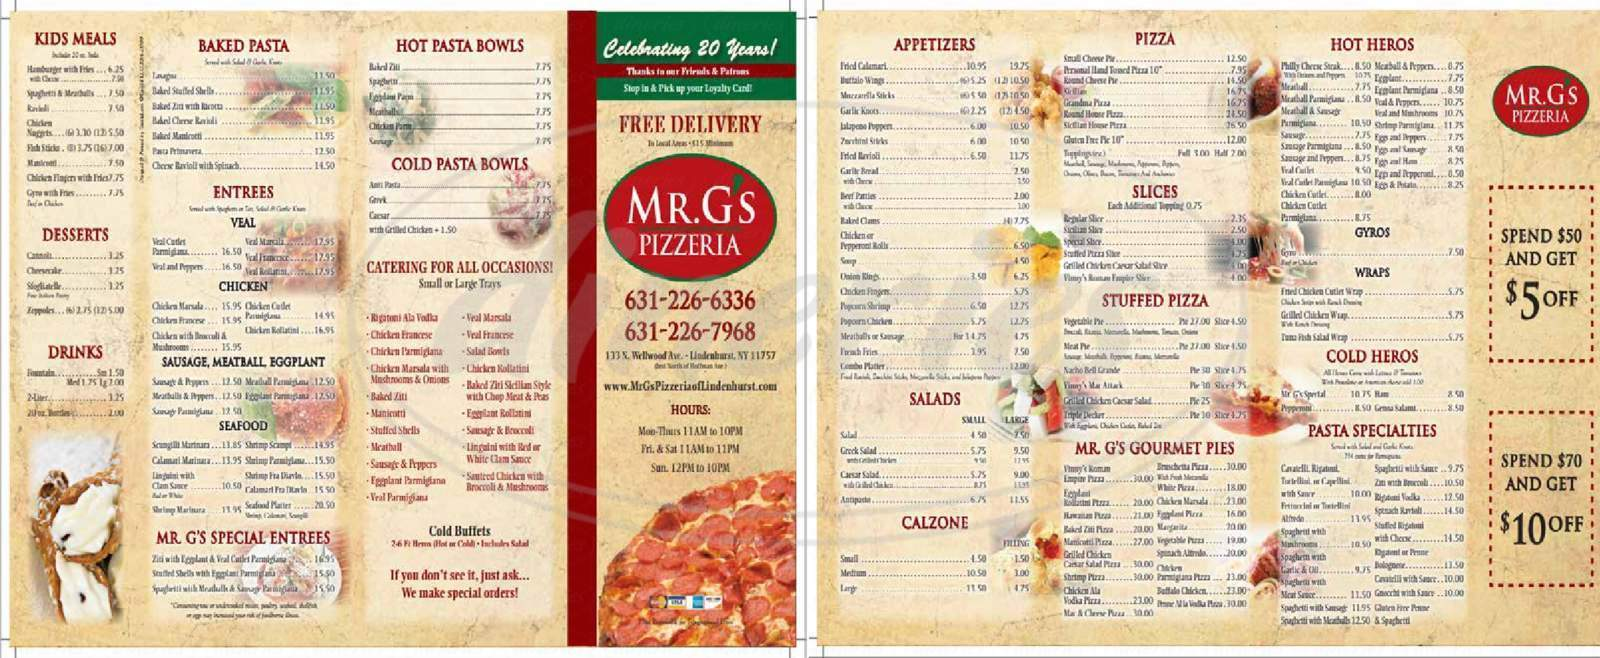 menu for Mr G's Pizzeria